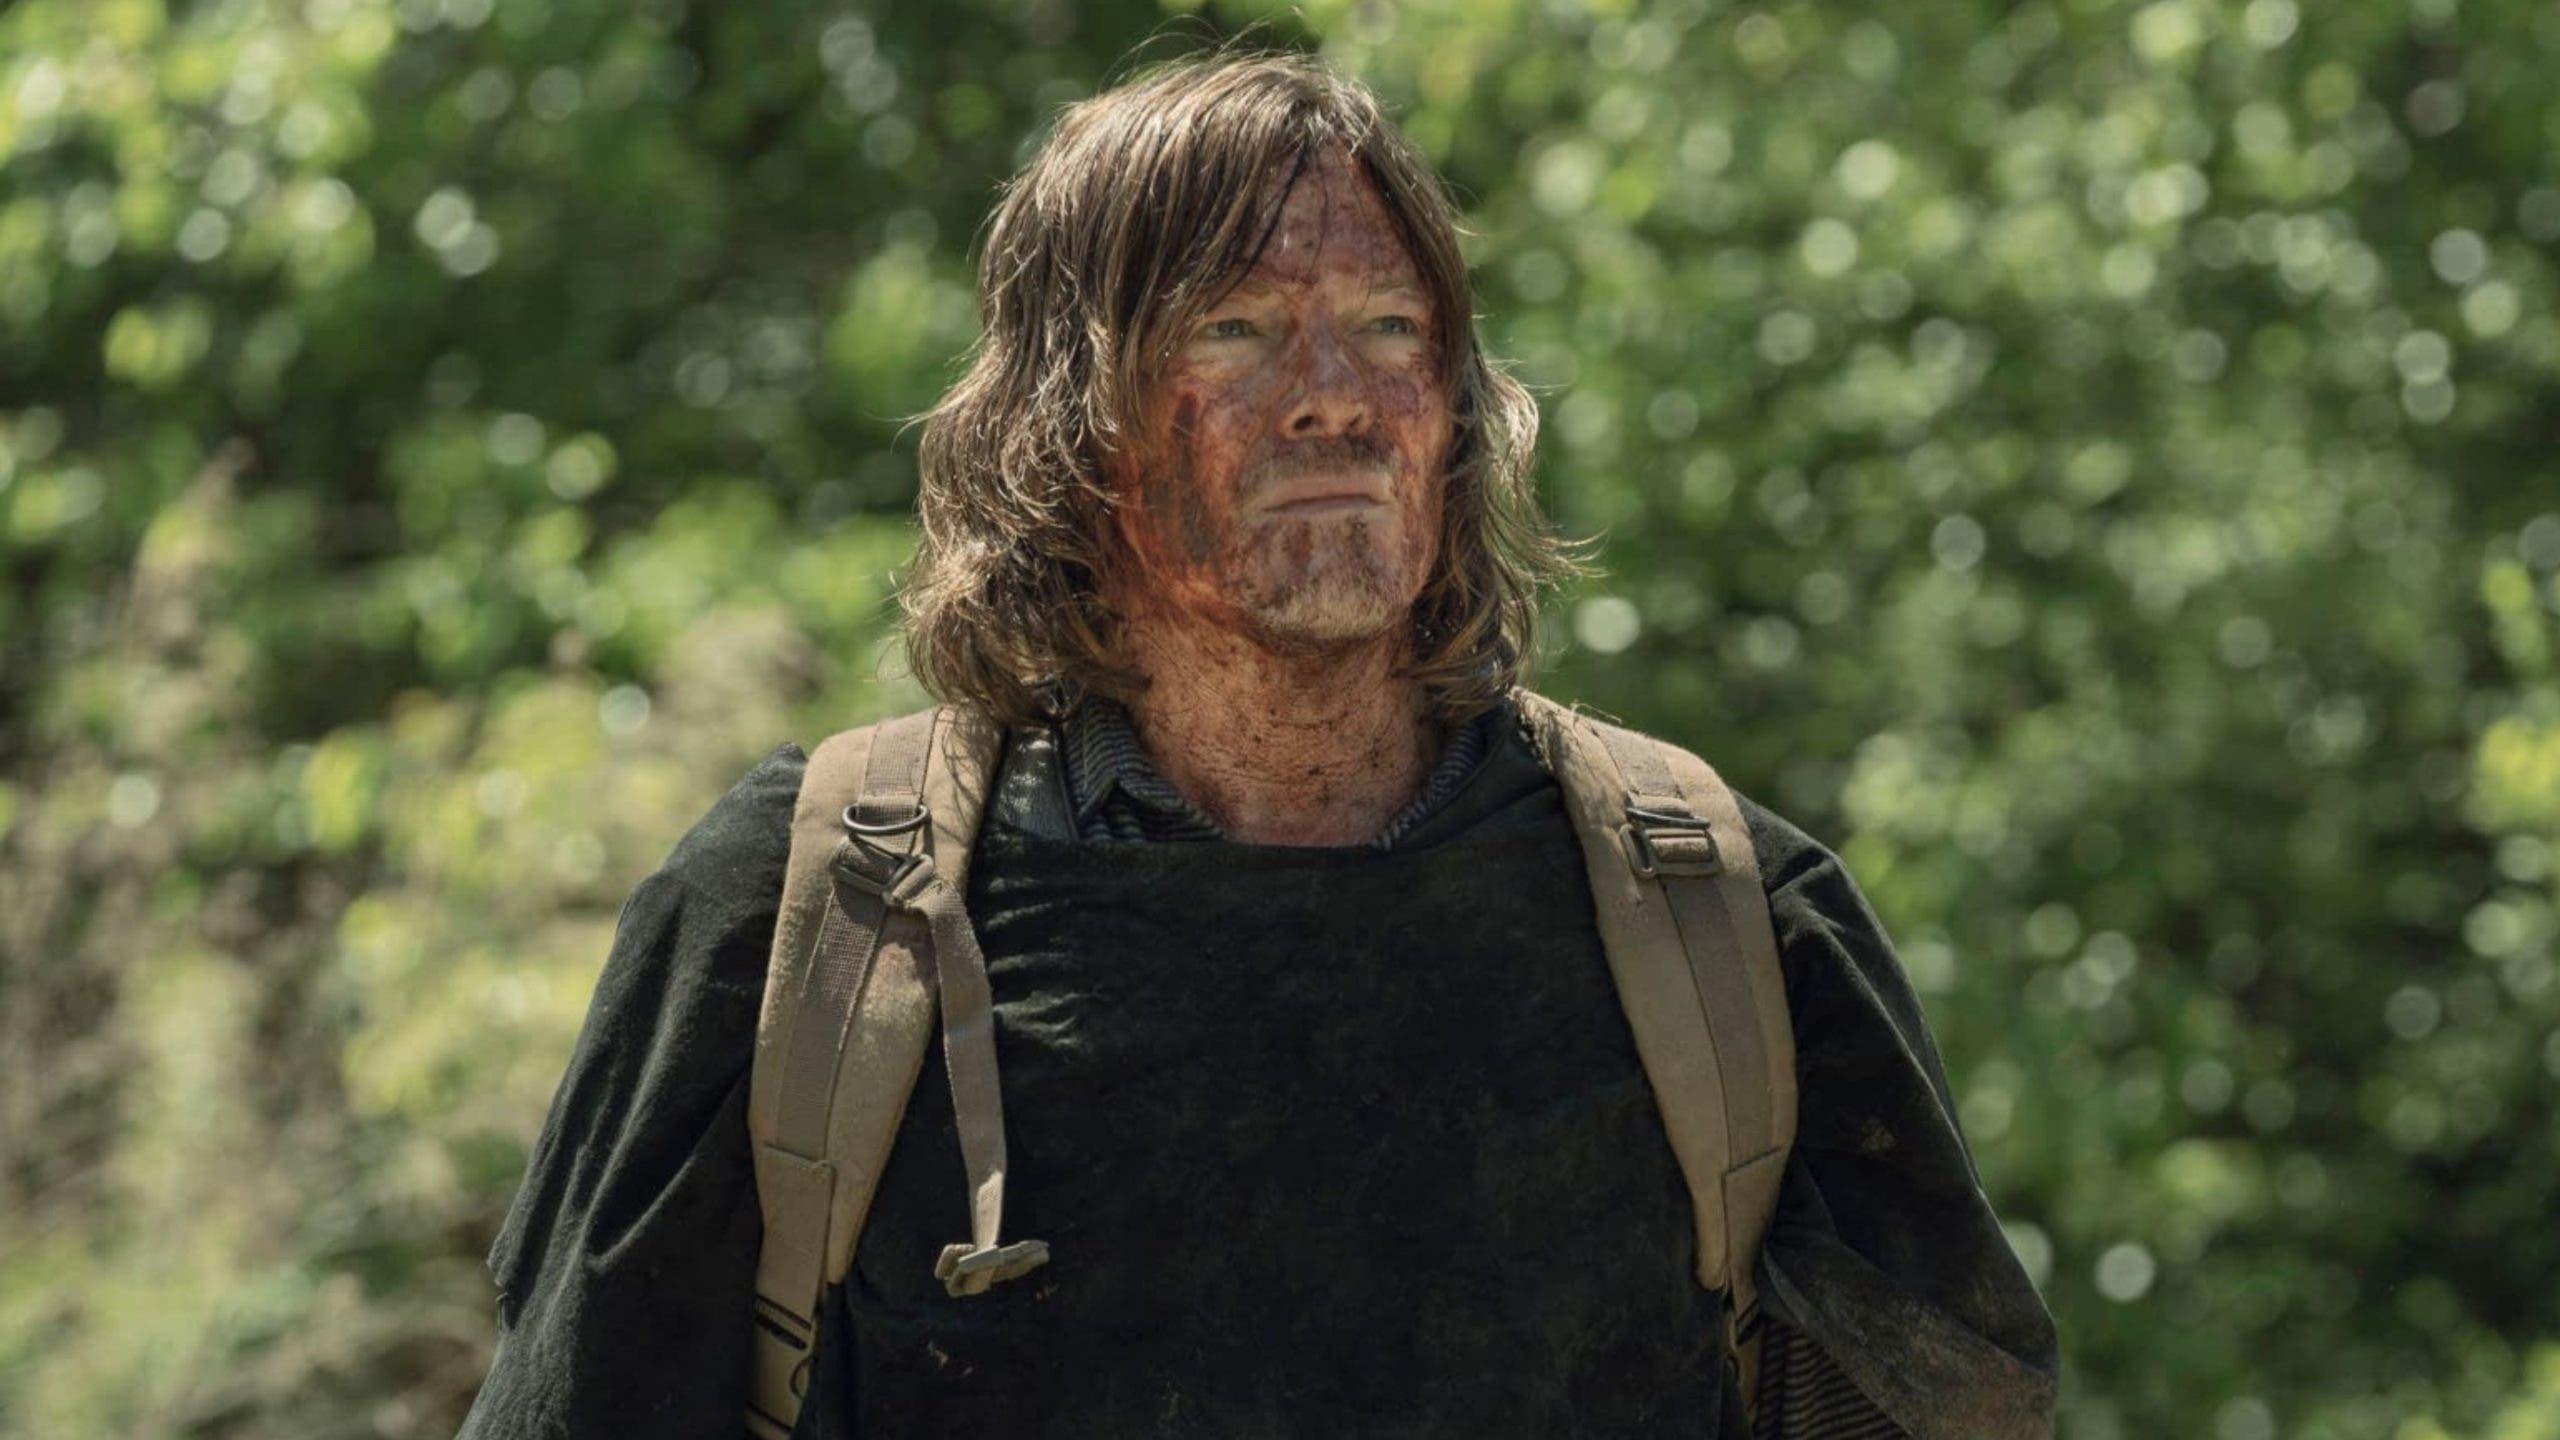 Walking Dead Daryl